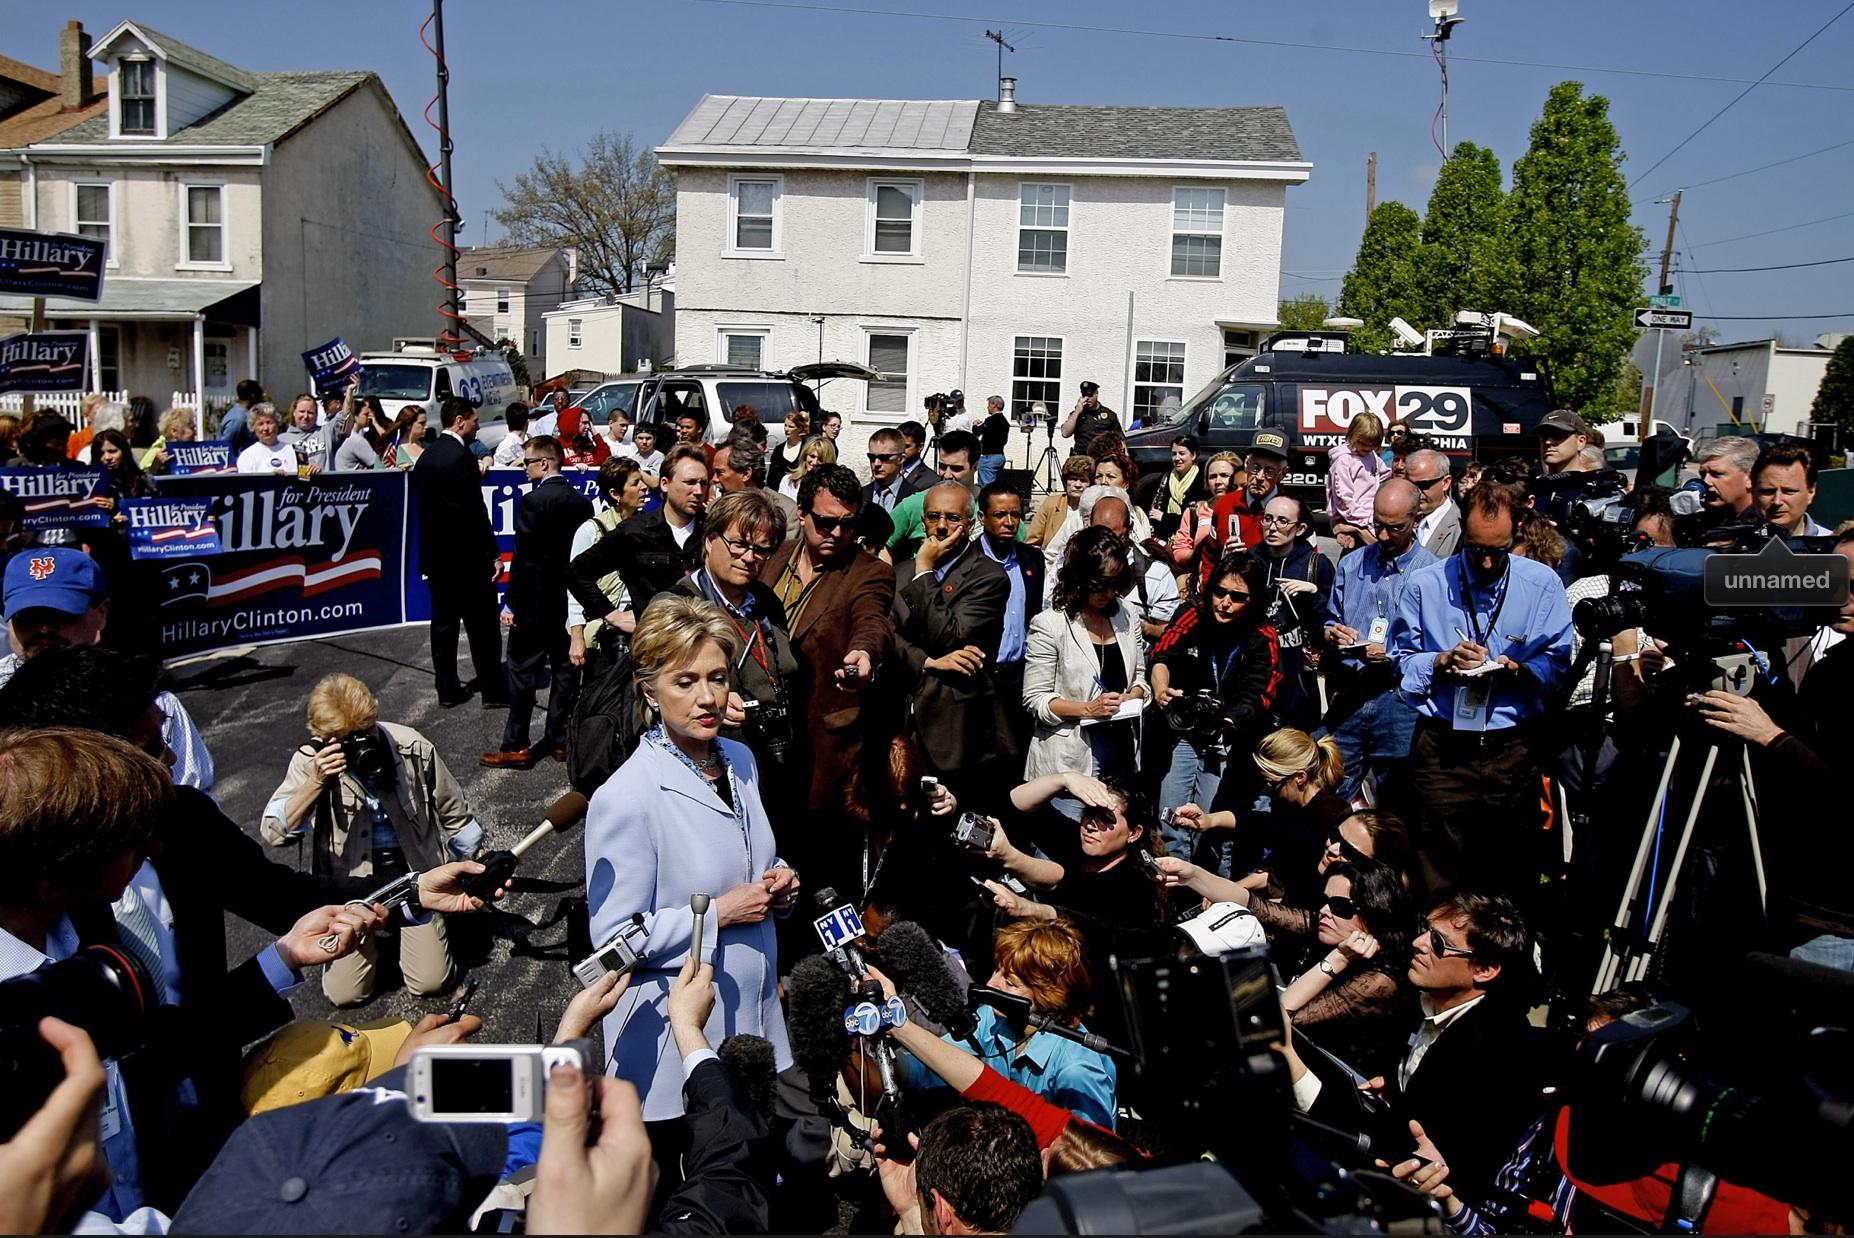 קמפיין הילרי קלינטון, פנסילבניה 2008, תמונת סוכנויות (לחדי עין, אני יושבת באמצע עם מיקרופון שלוח קדימה)